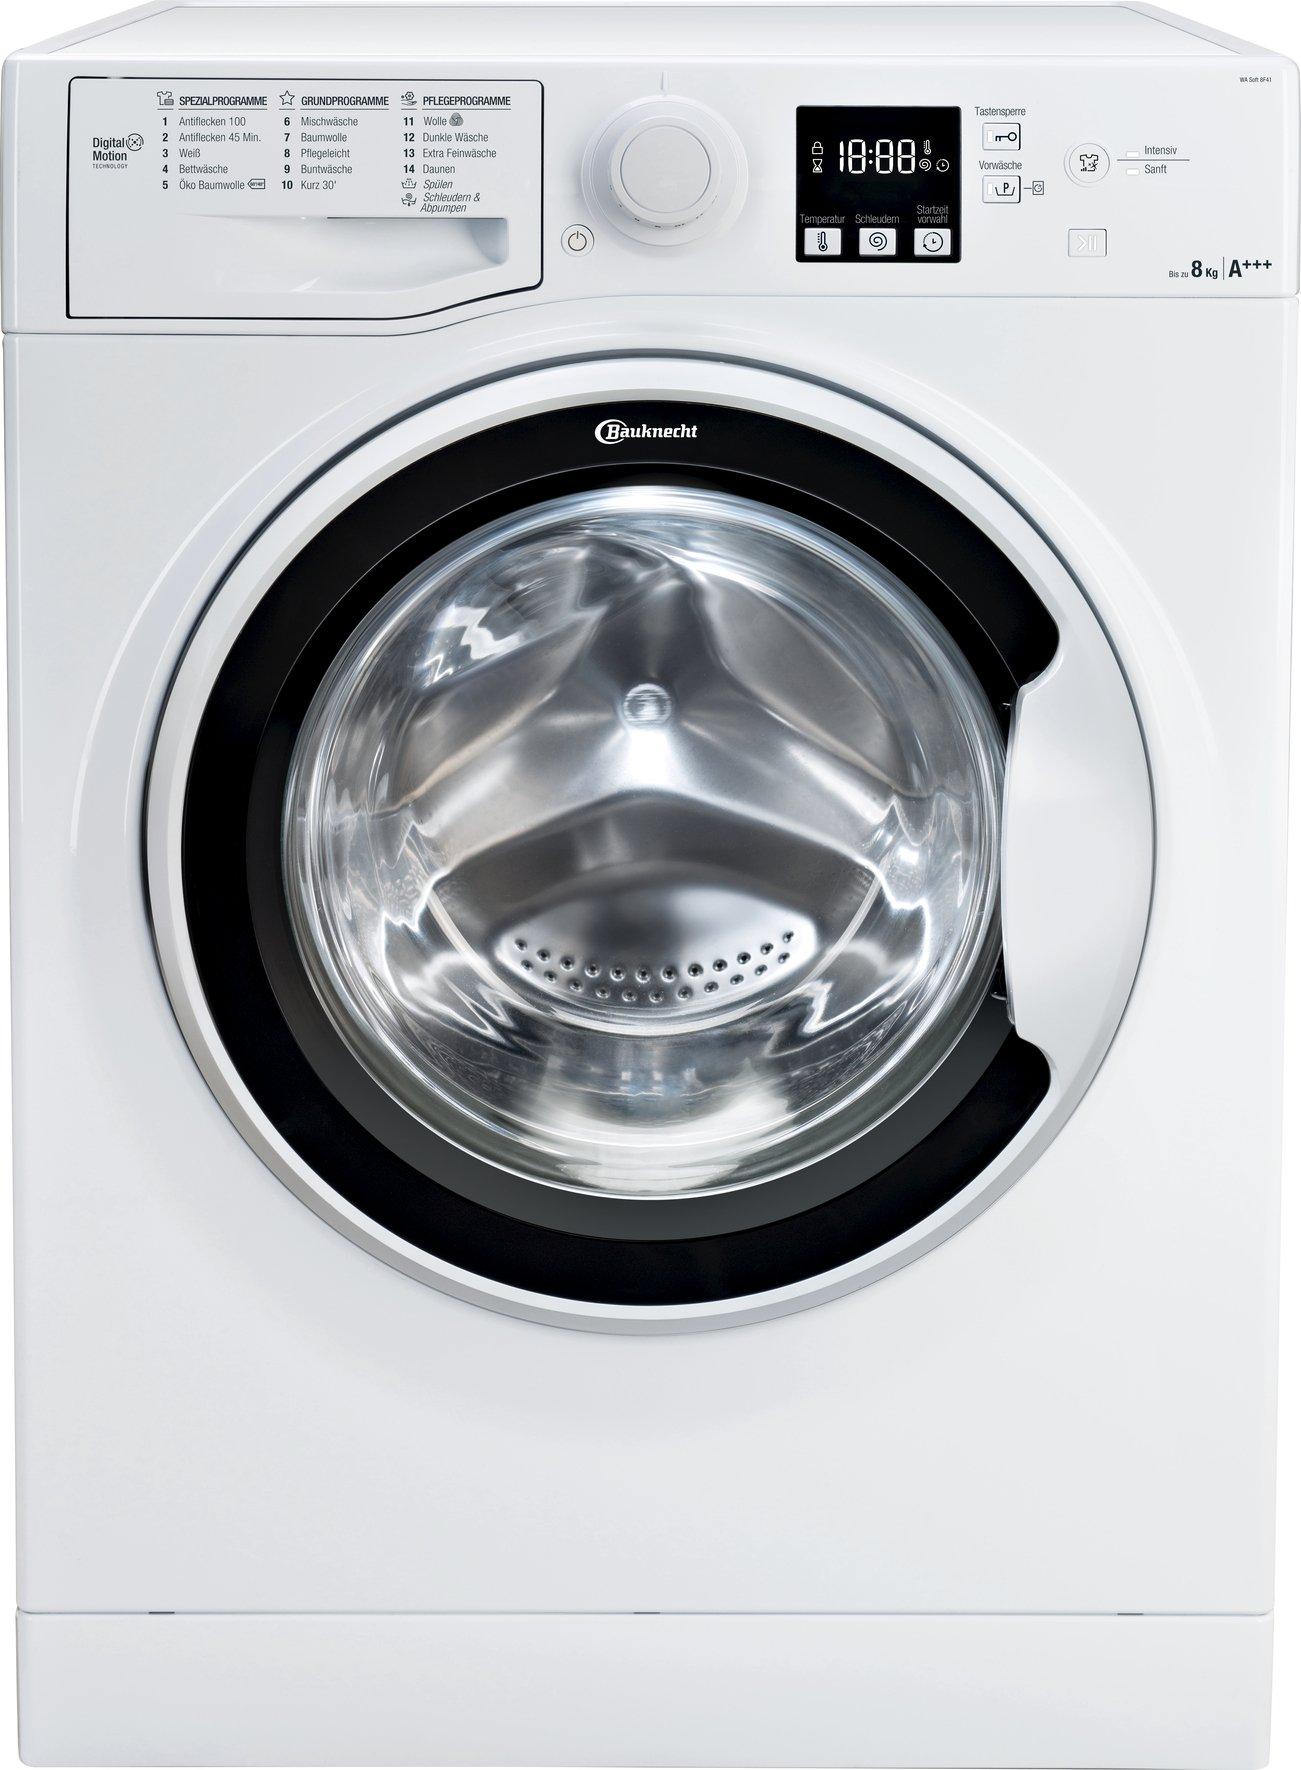 Bauknecht WA Soft 8F41 Waschmaschine Frontlader, 8 kg Füllmenge, Nachlegefunktion